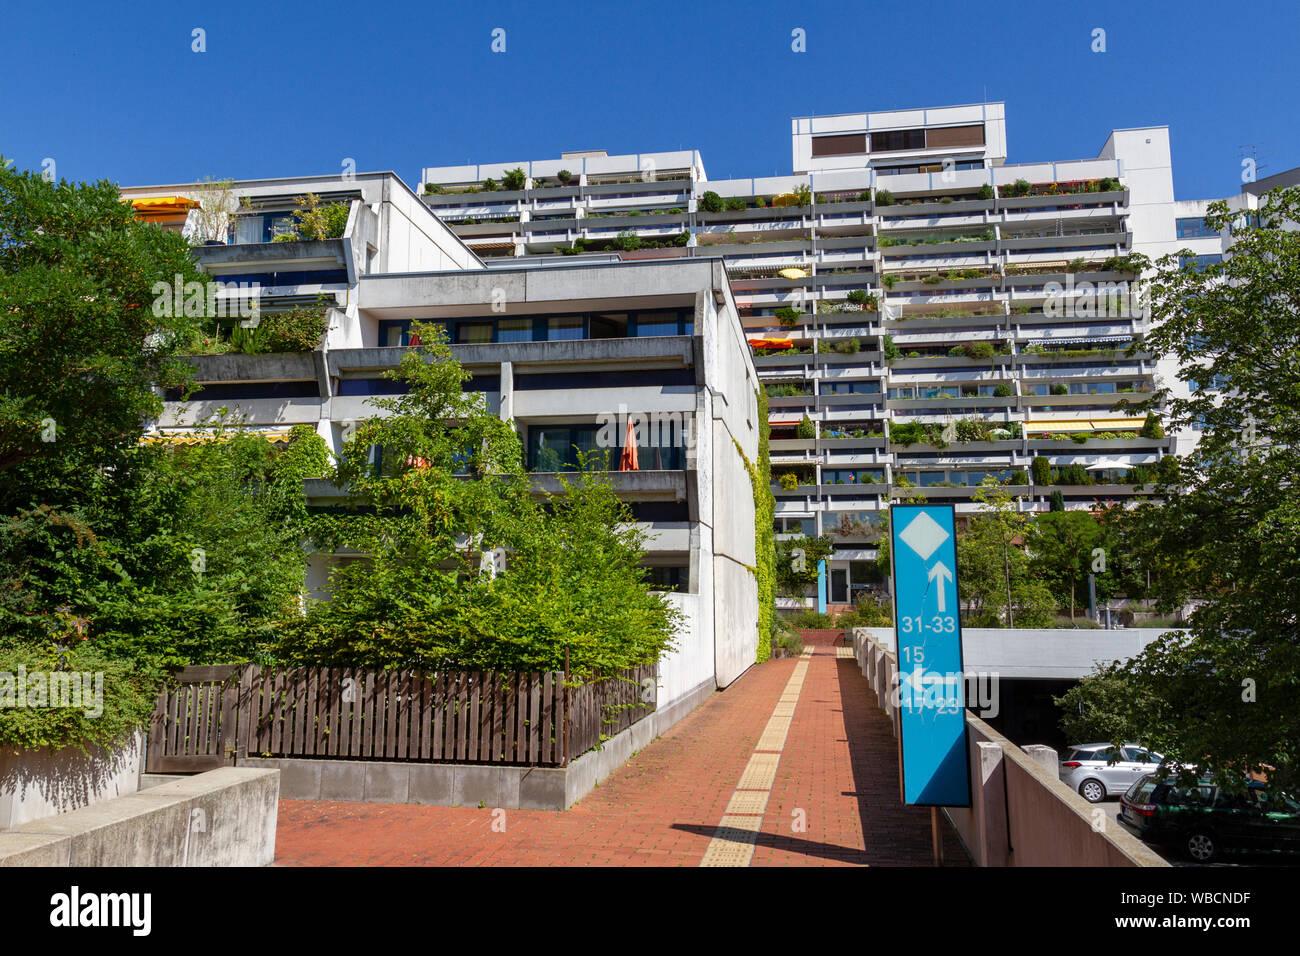 Vista posterior de Connollystraße 31, lugar de la masacre de Munich durante los Juegos Olímpicos de Verano 1972 en Munich, Alemania. Foto de stock